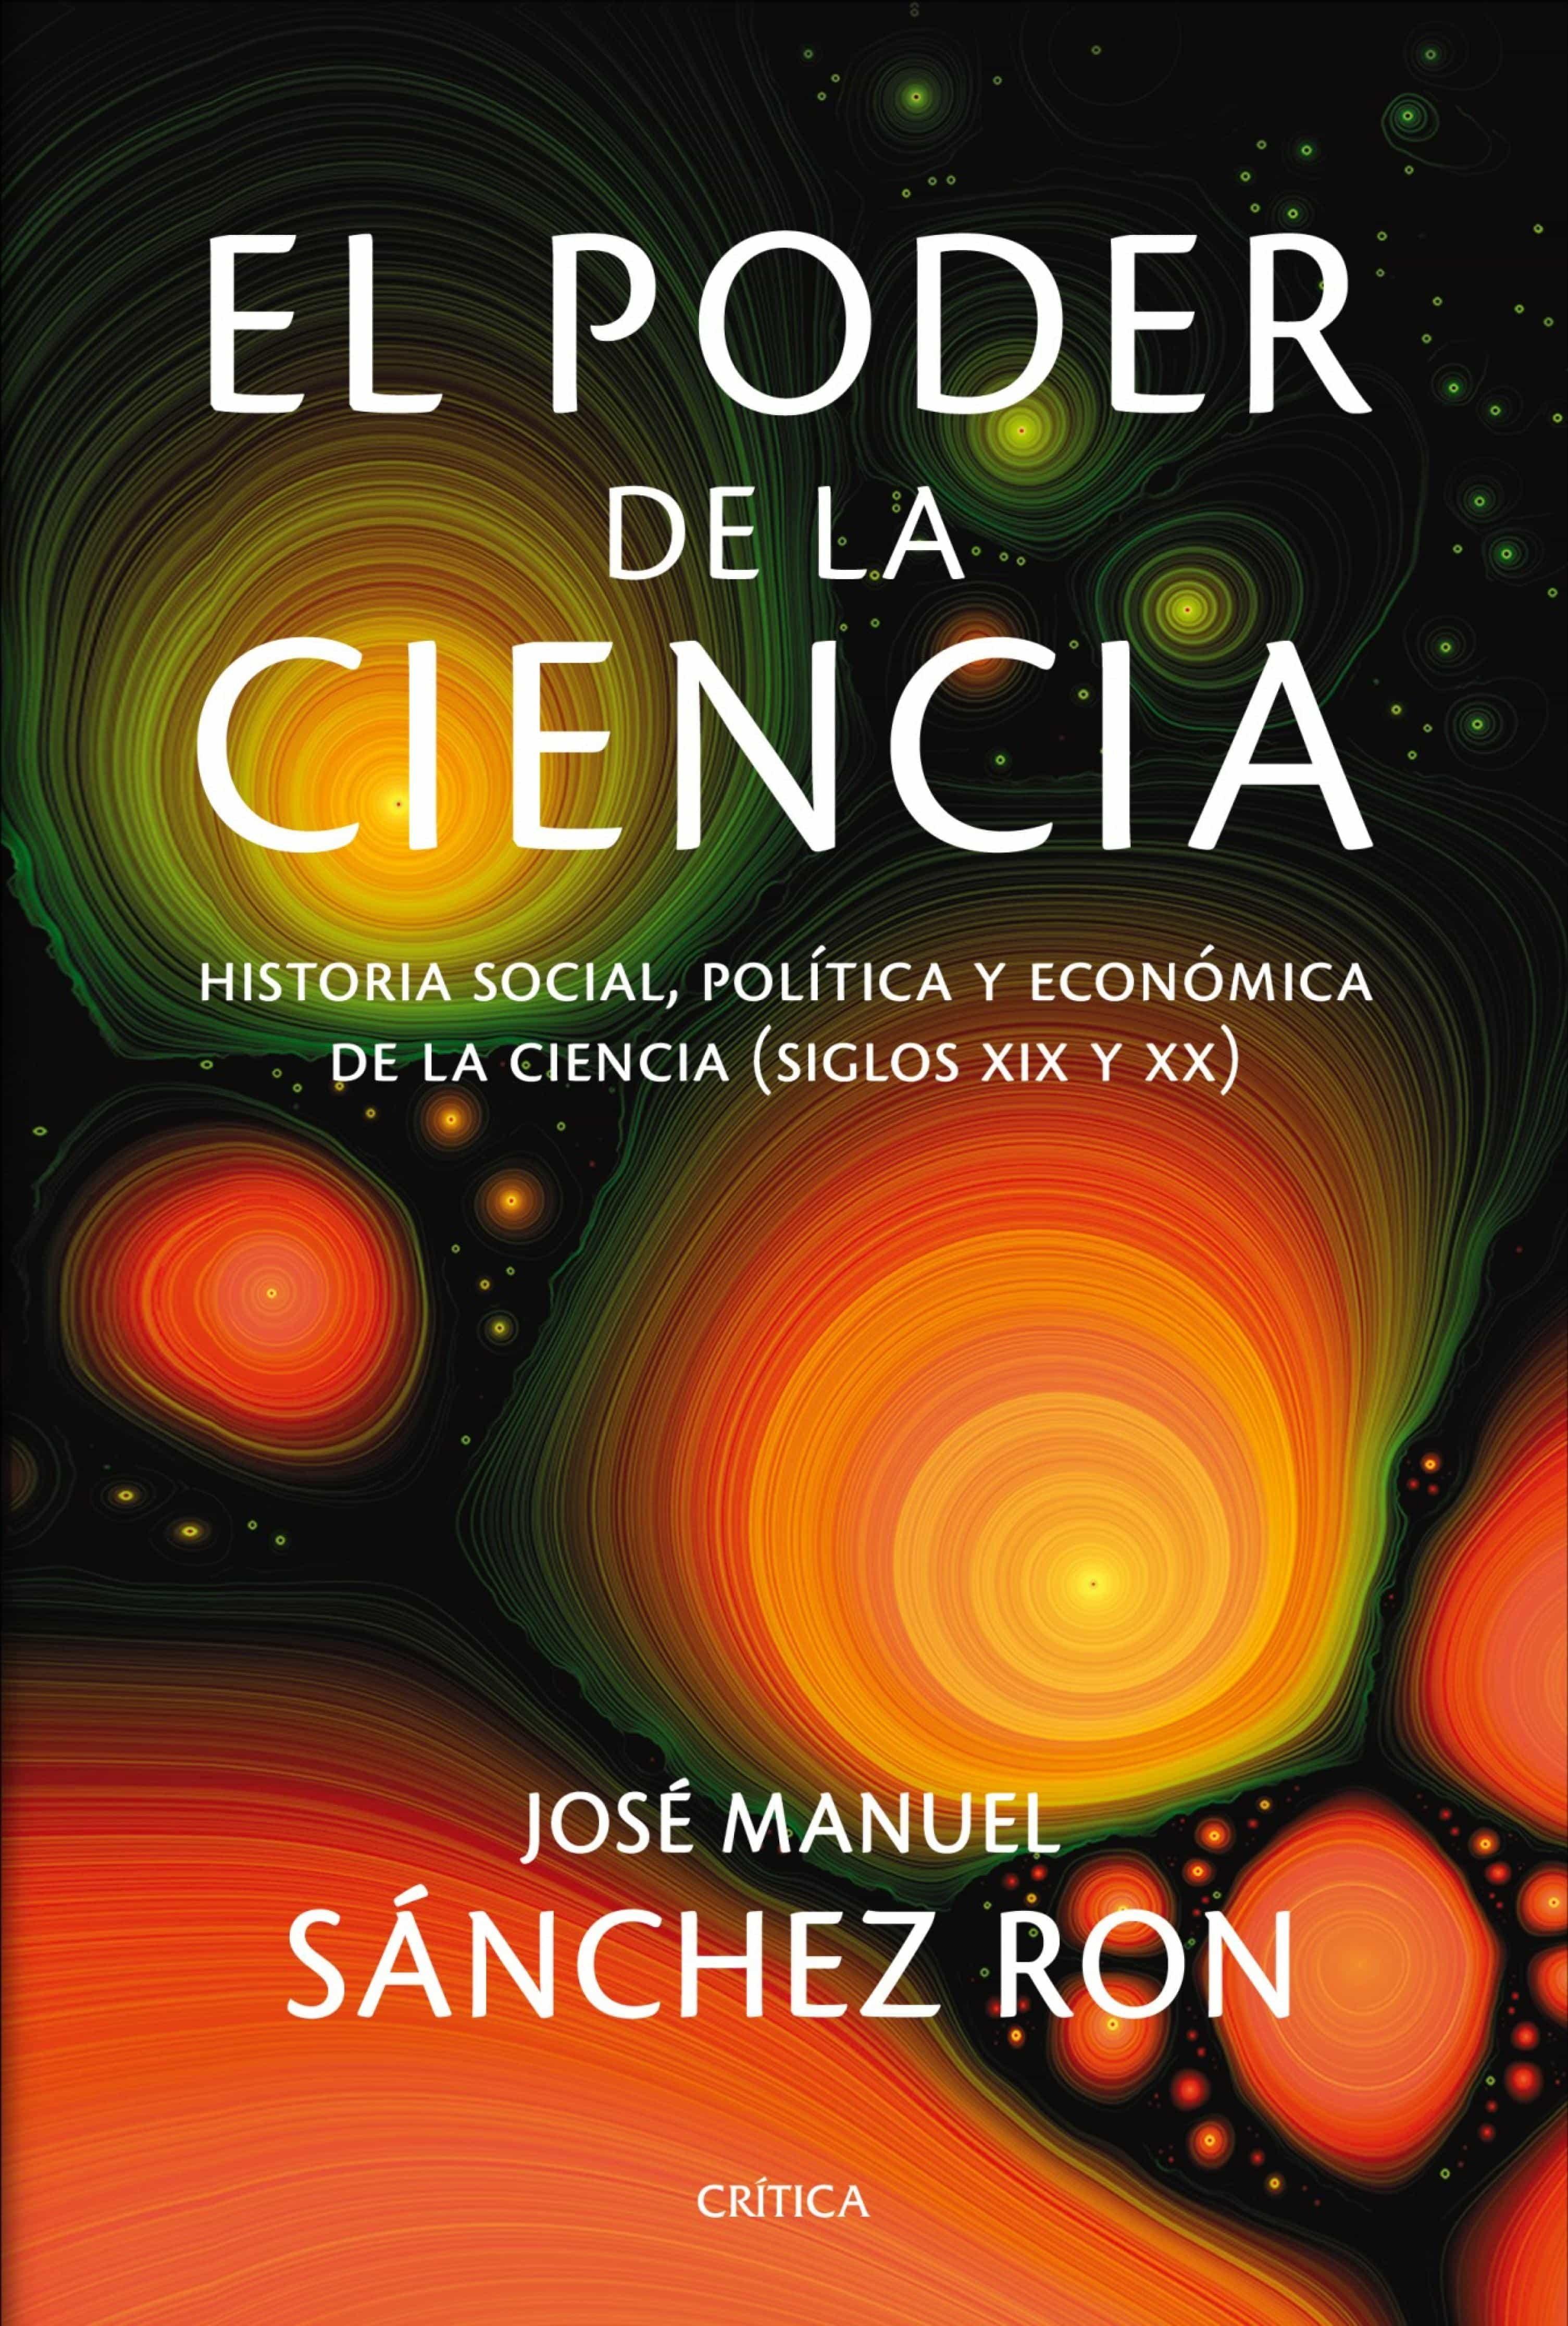 JOSE MANUEL SANCHEZ RON ... @tataya.com.mx 2021